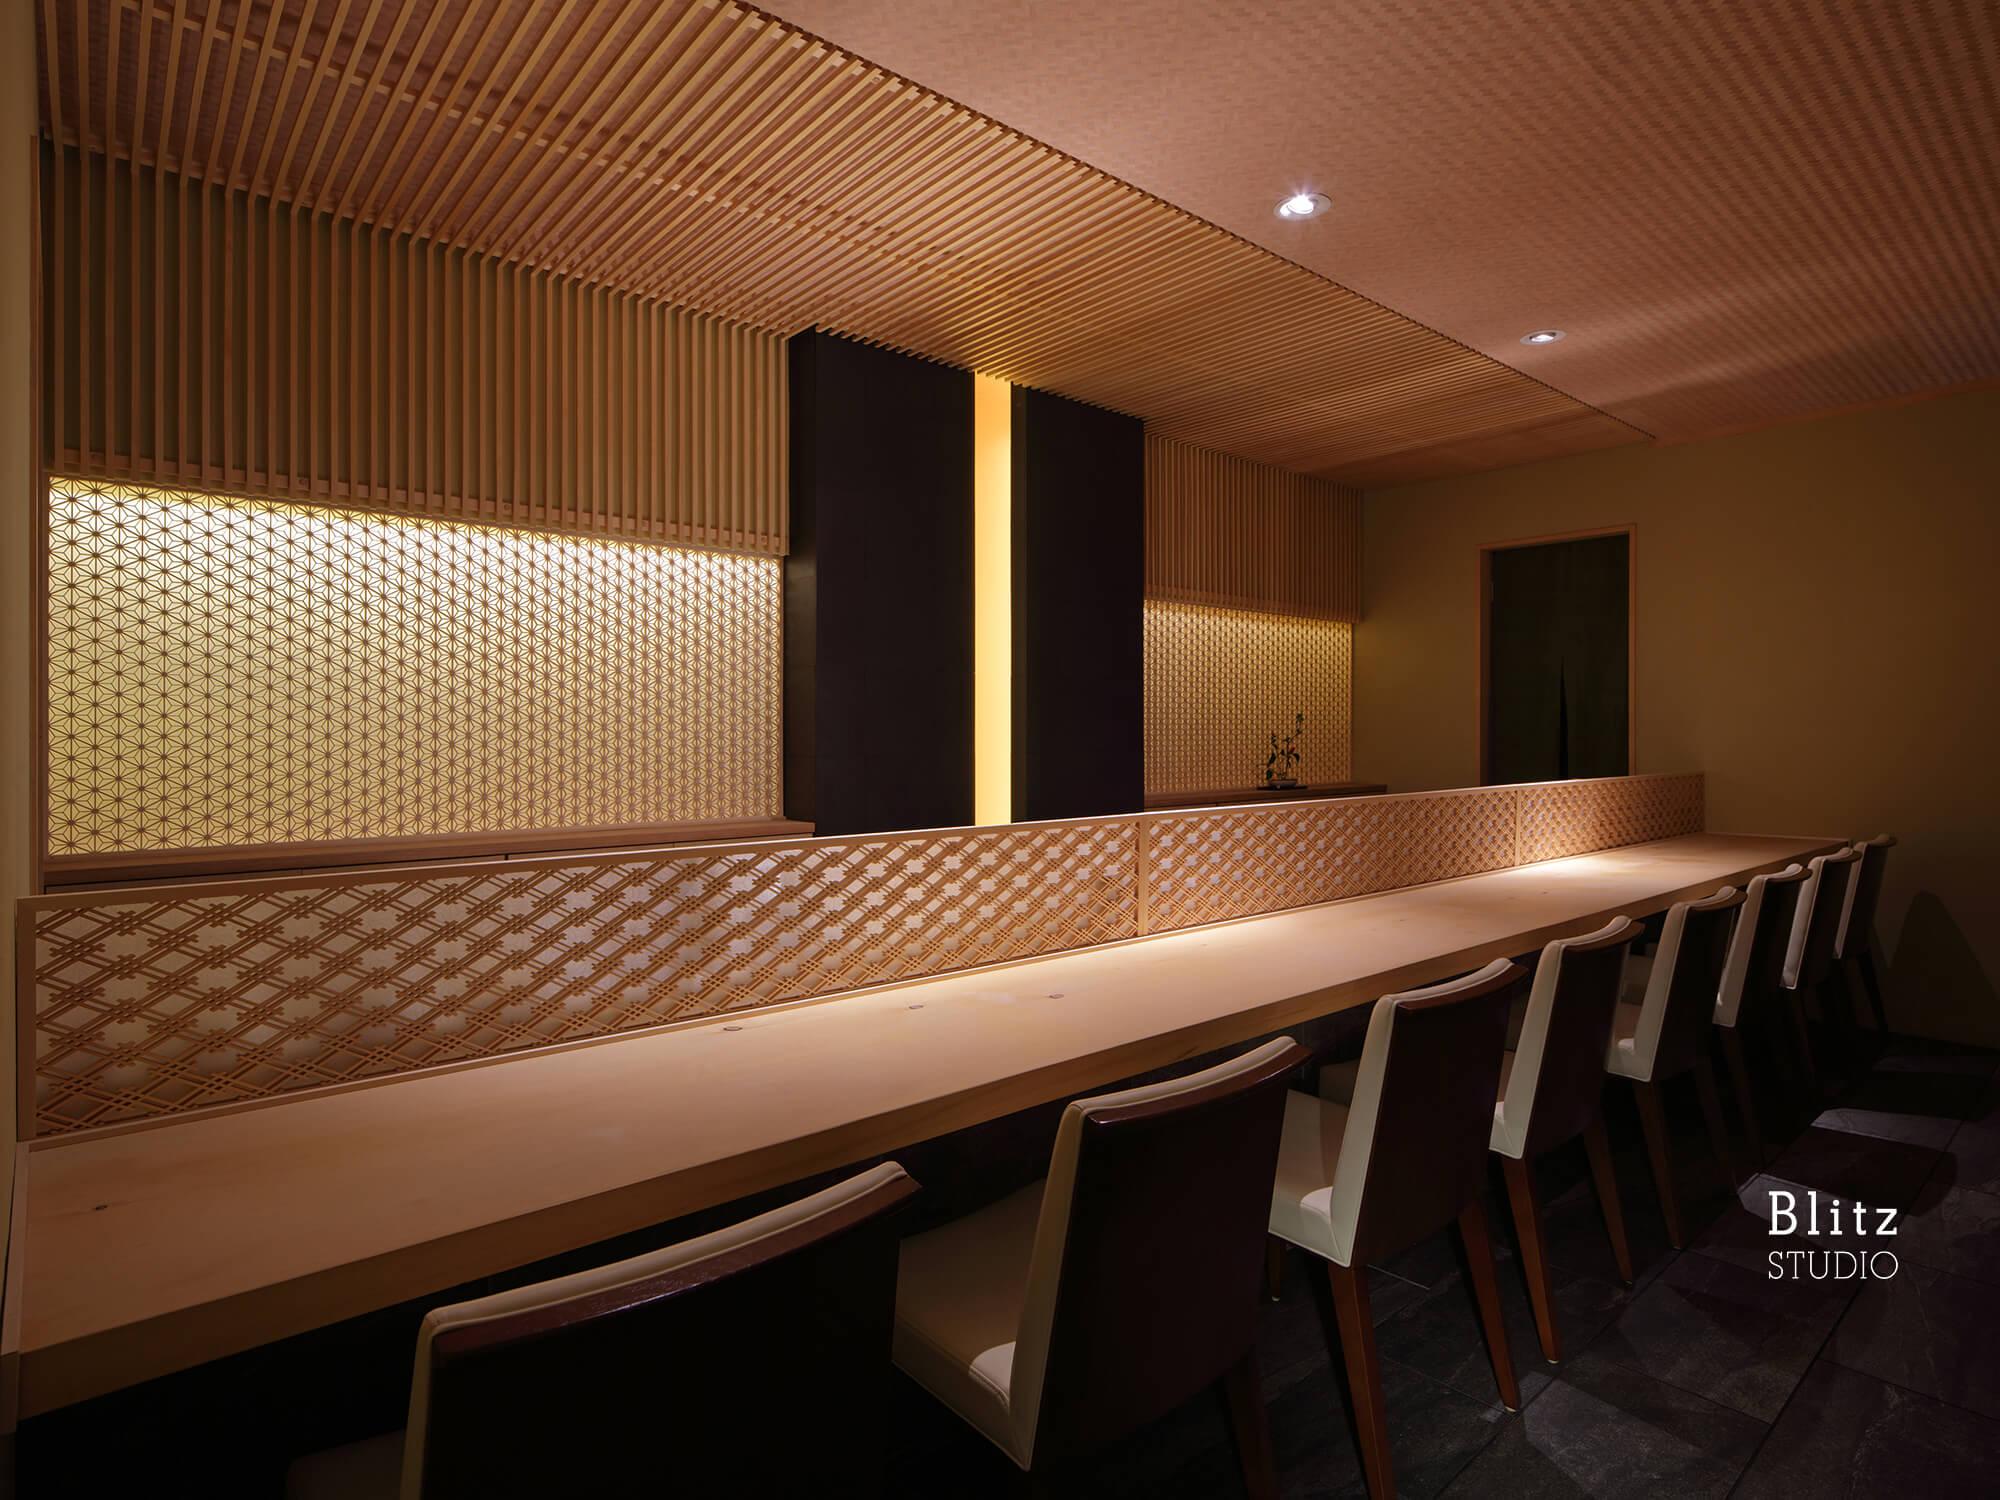 『割烹 やまだ』-北九州市小倉-建築写真・竣工写真・インテリア写真3